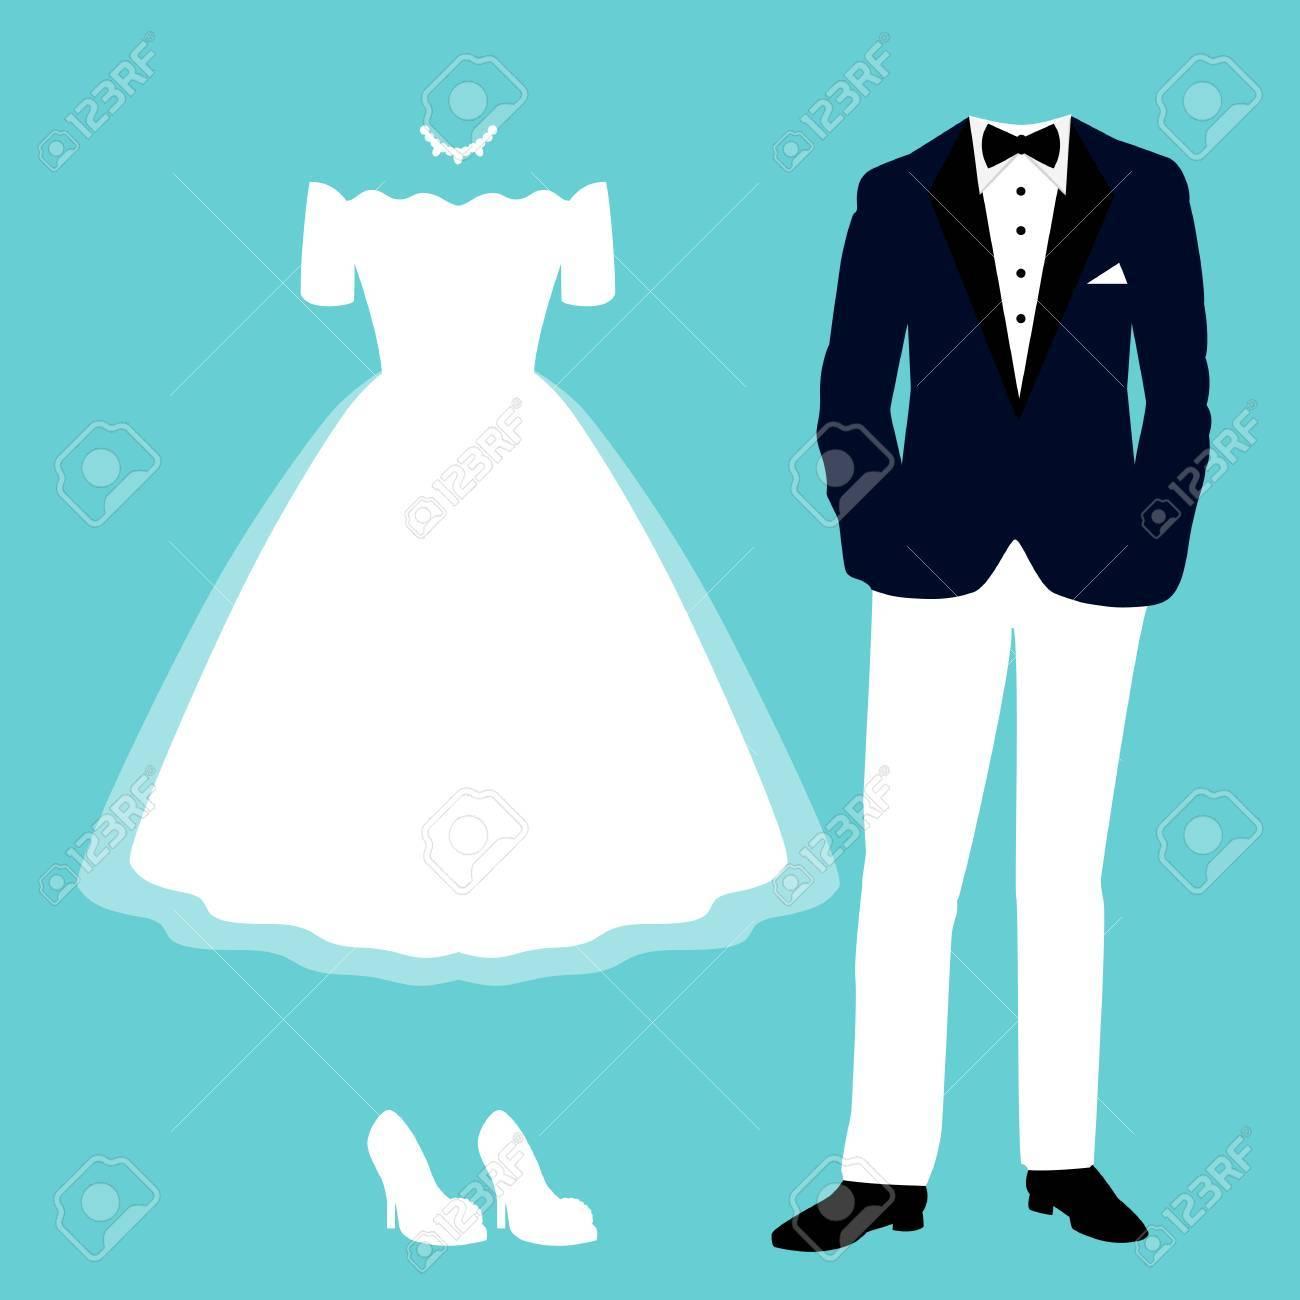 6e1343e0d Invitación de boda con la ropa de la novia y el novio. Ropa. Hermoso  vestido de novia y esmoquin. Ilustración vectorial